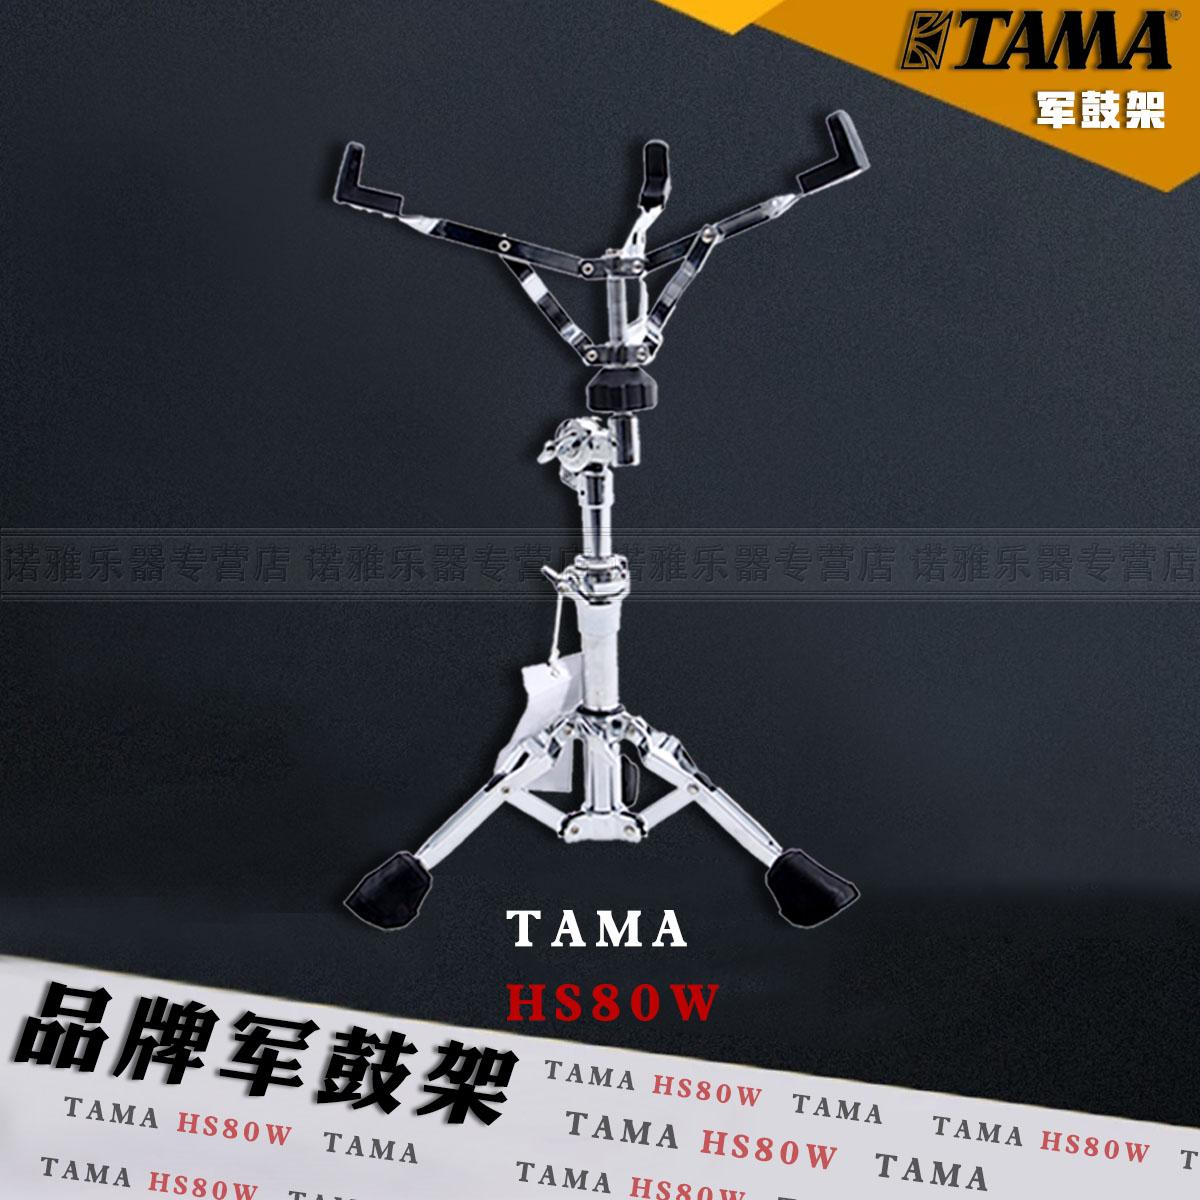 TAMA армия барабан полка HS80W армия барабан стоять немой барабан стоять